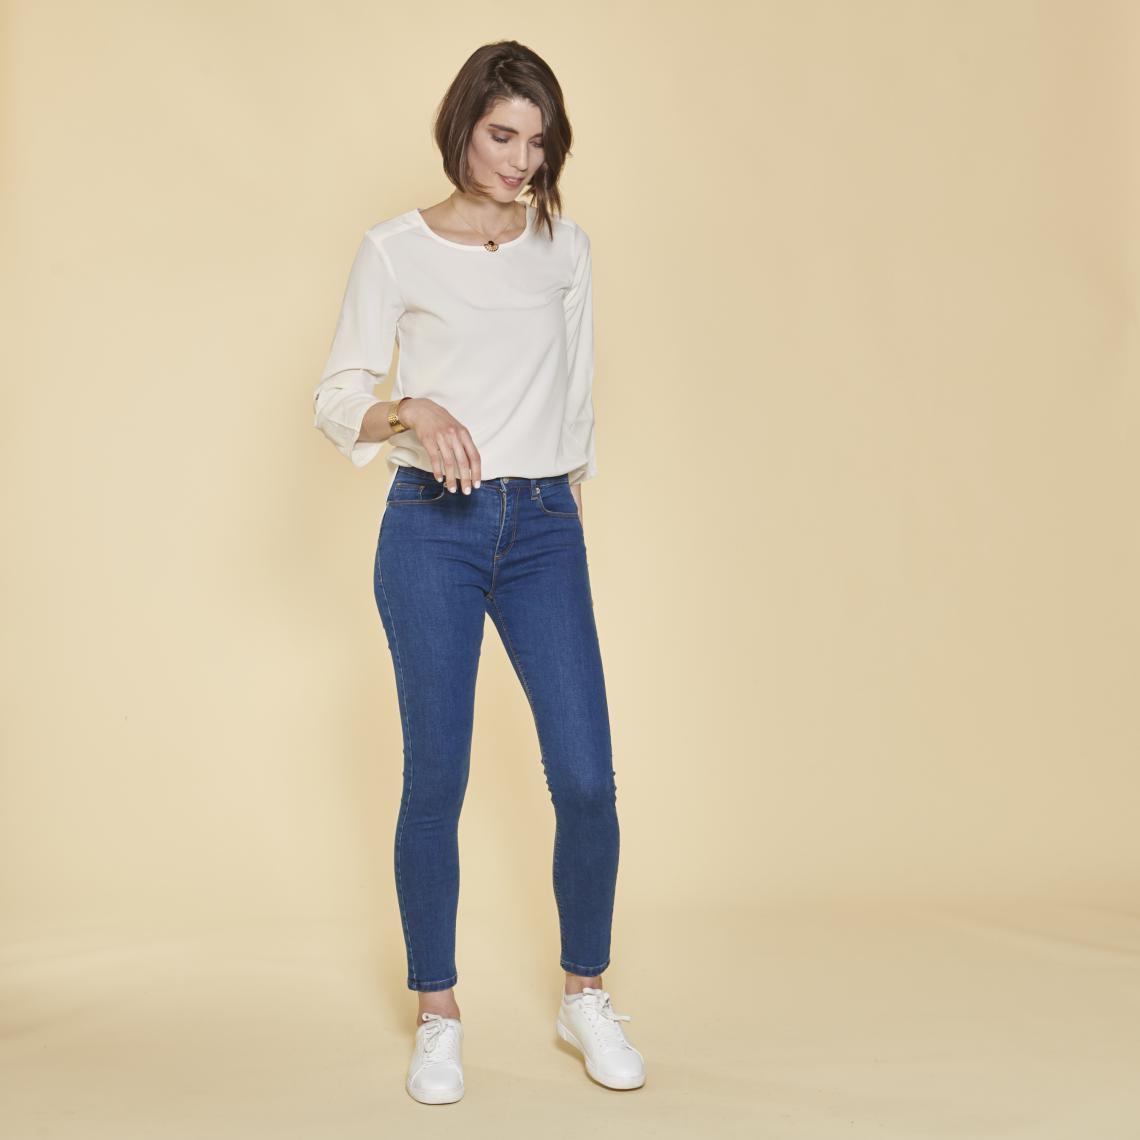 Jean skinny taille haute pierres fantaisie sur poche - foncé - 3 SUISSES - Modalova